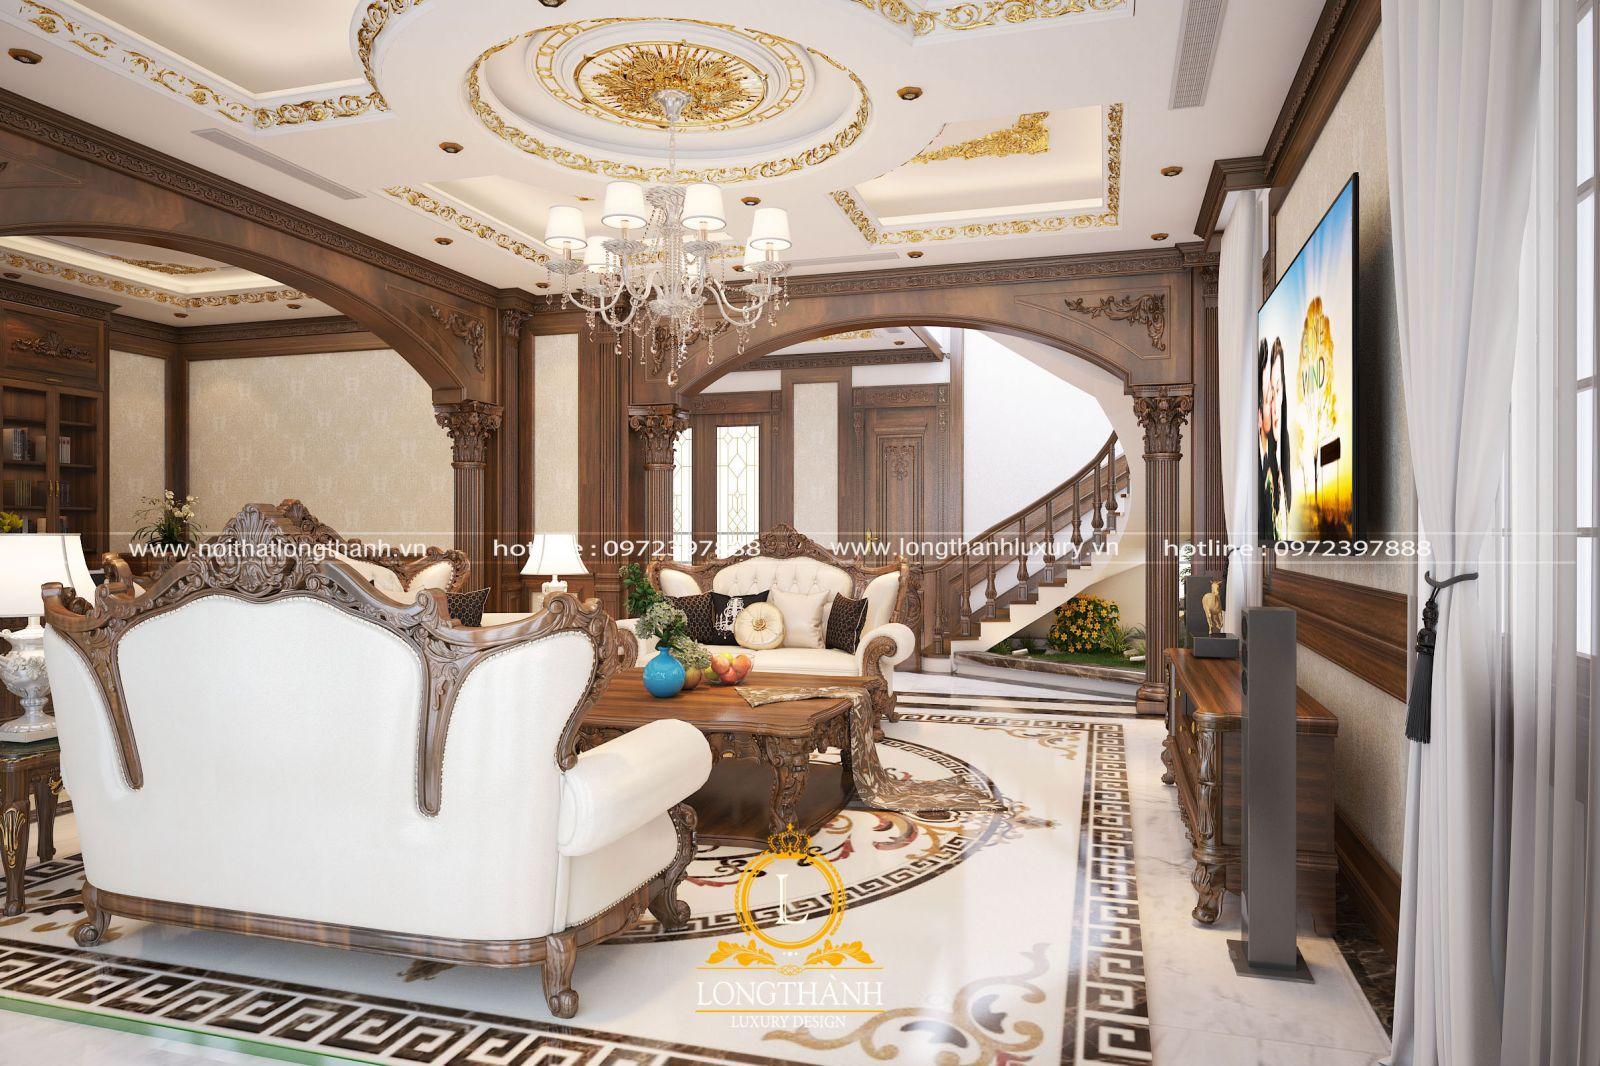 Sofa phòng khách thật đẳng cấp với chất liệu gỗ tự nhiên cao cấp